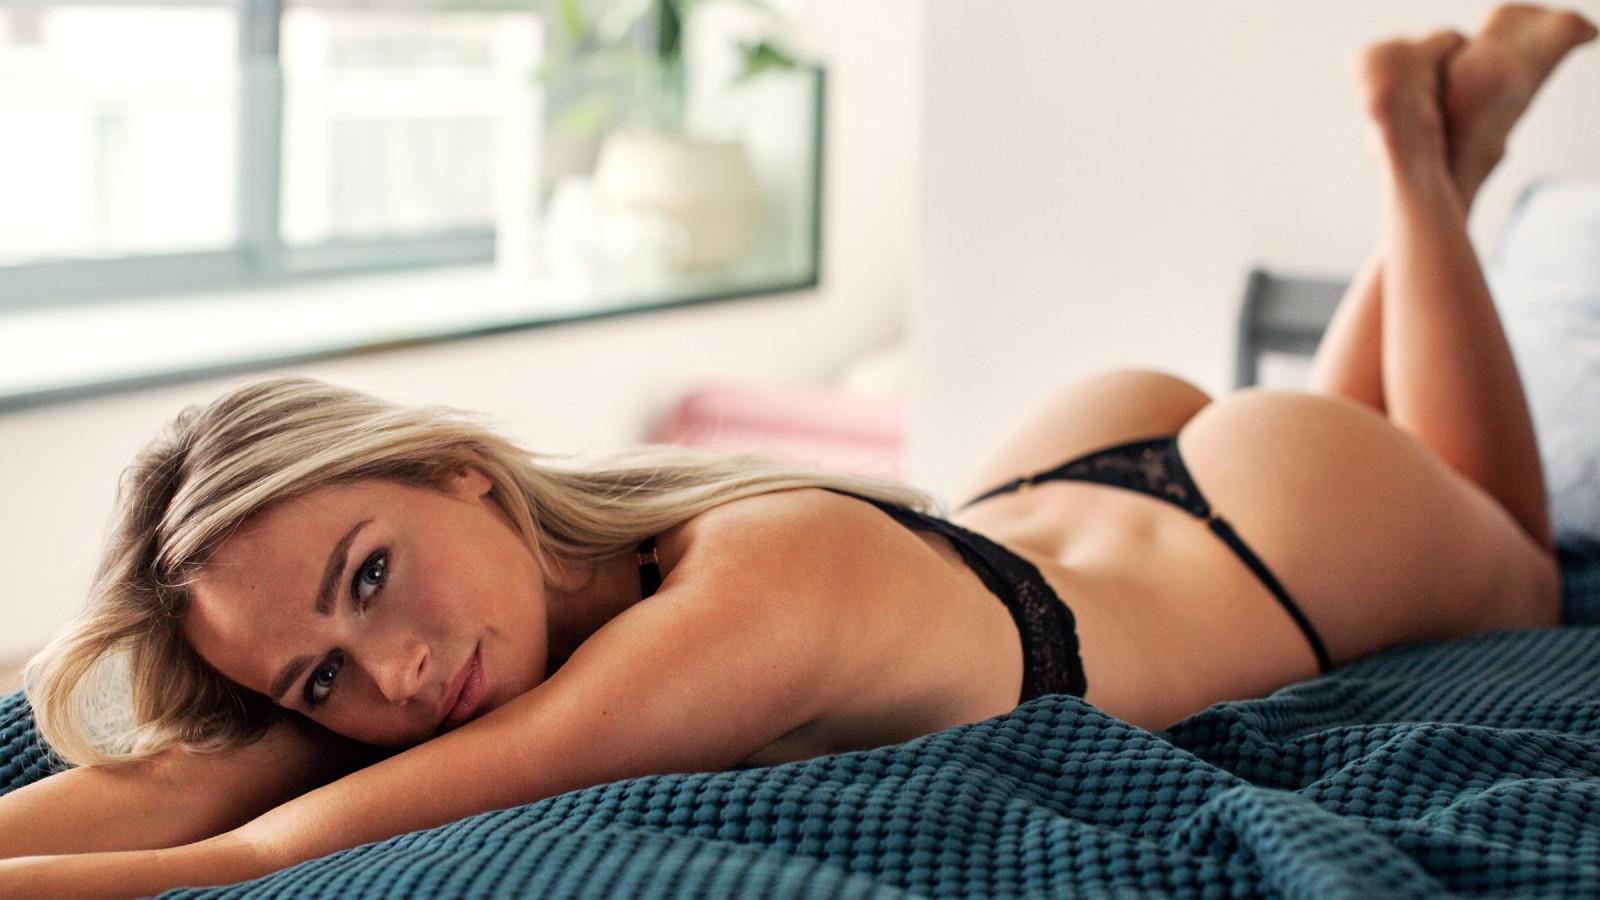 Annick Meijer / FHM